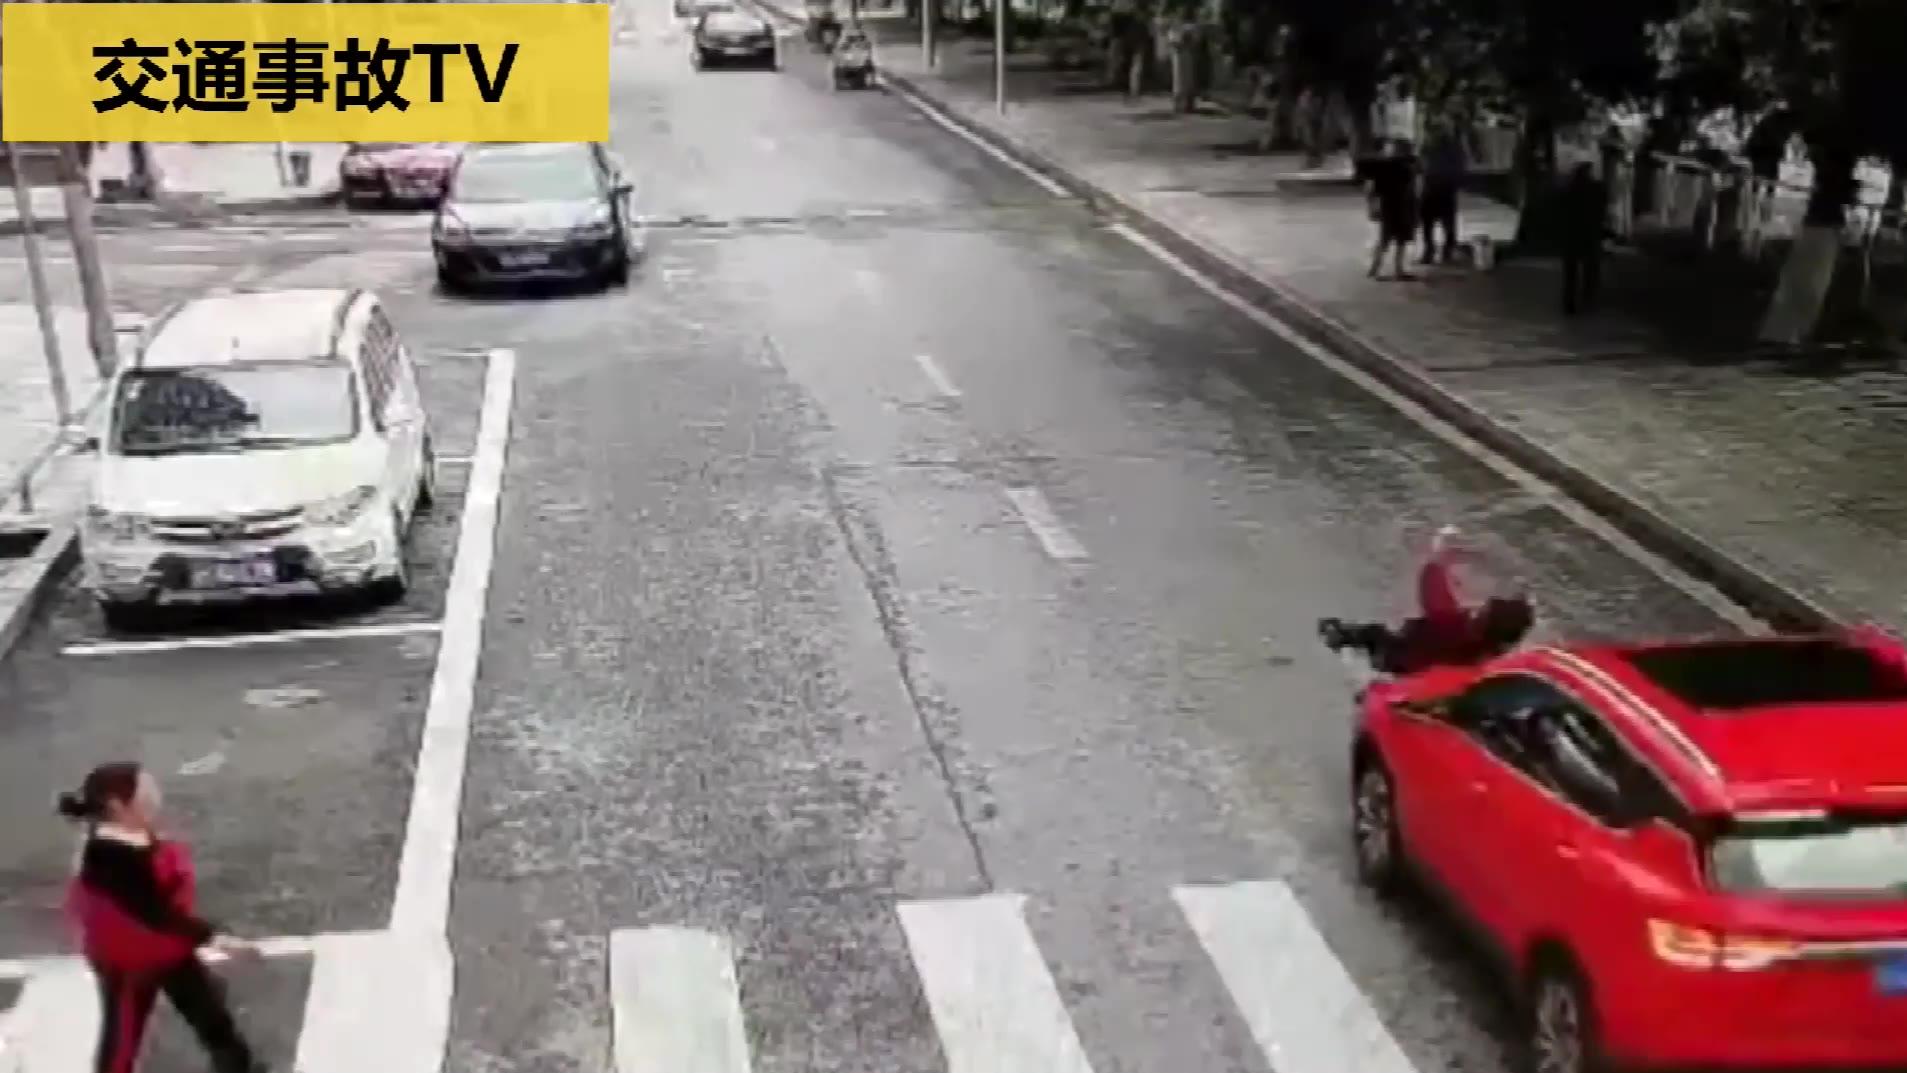 交通事故合集:行人被撞倒碾压——2020年第78期